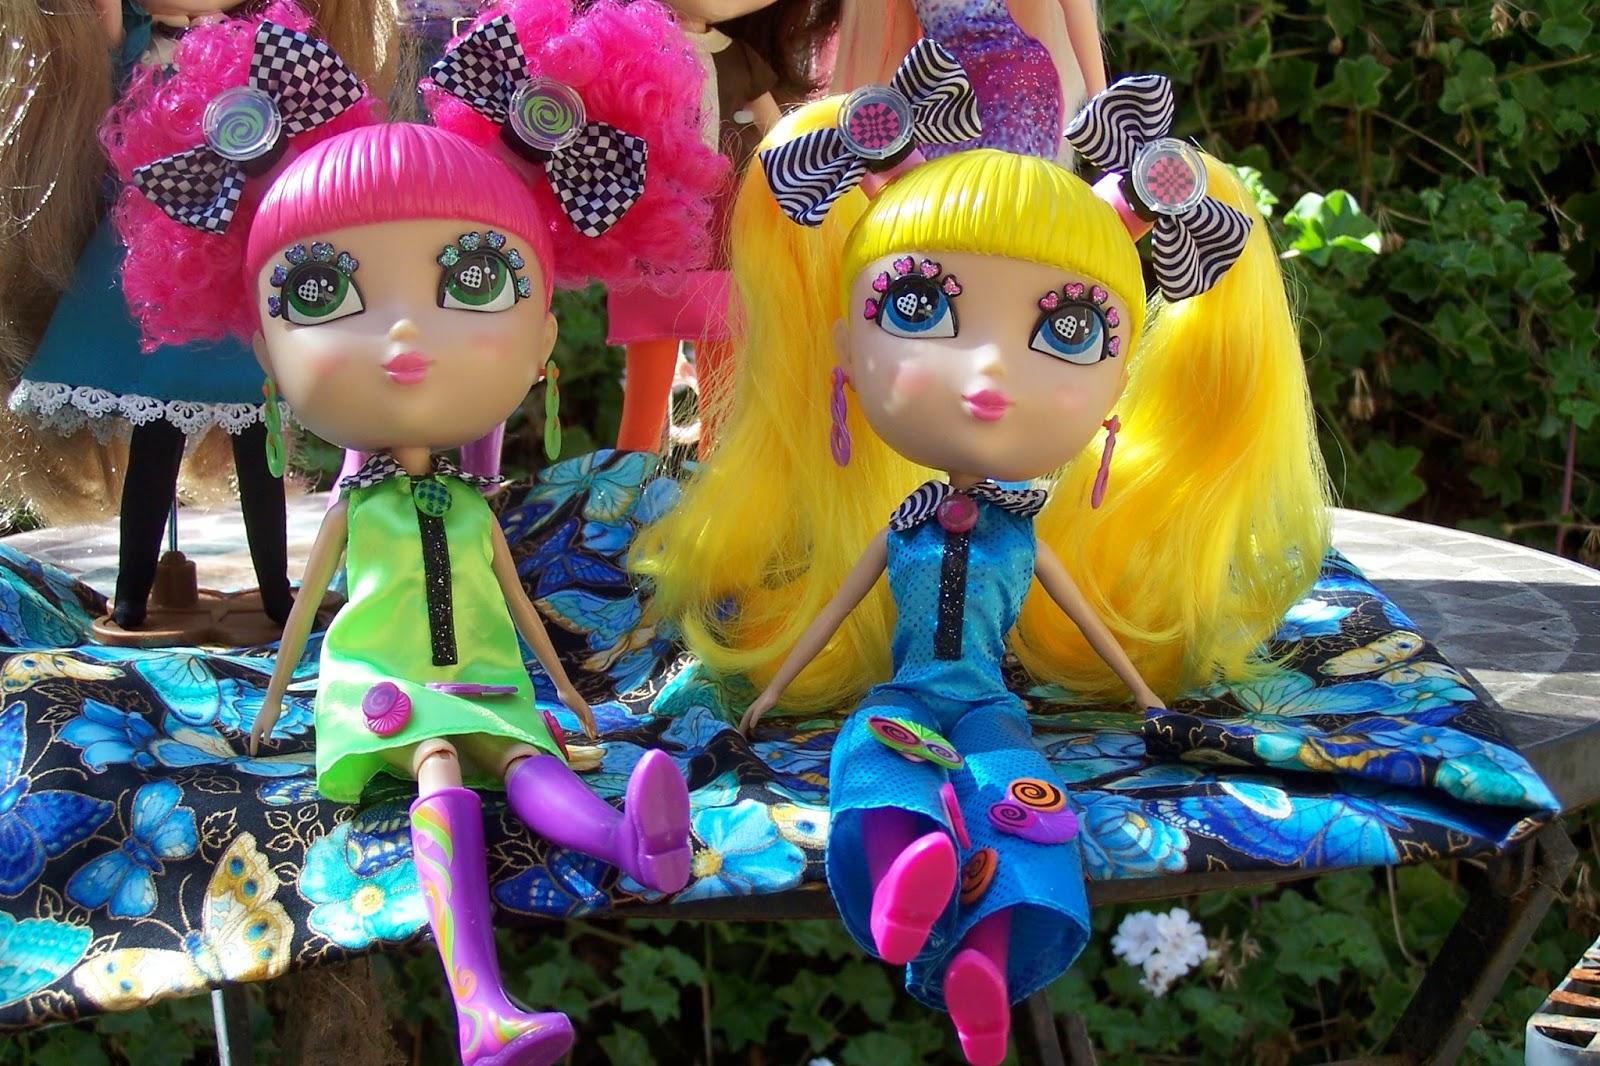 Lizzie's Arty Crafty 'n Dolls: Dolls! My Large Head Dolls